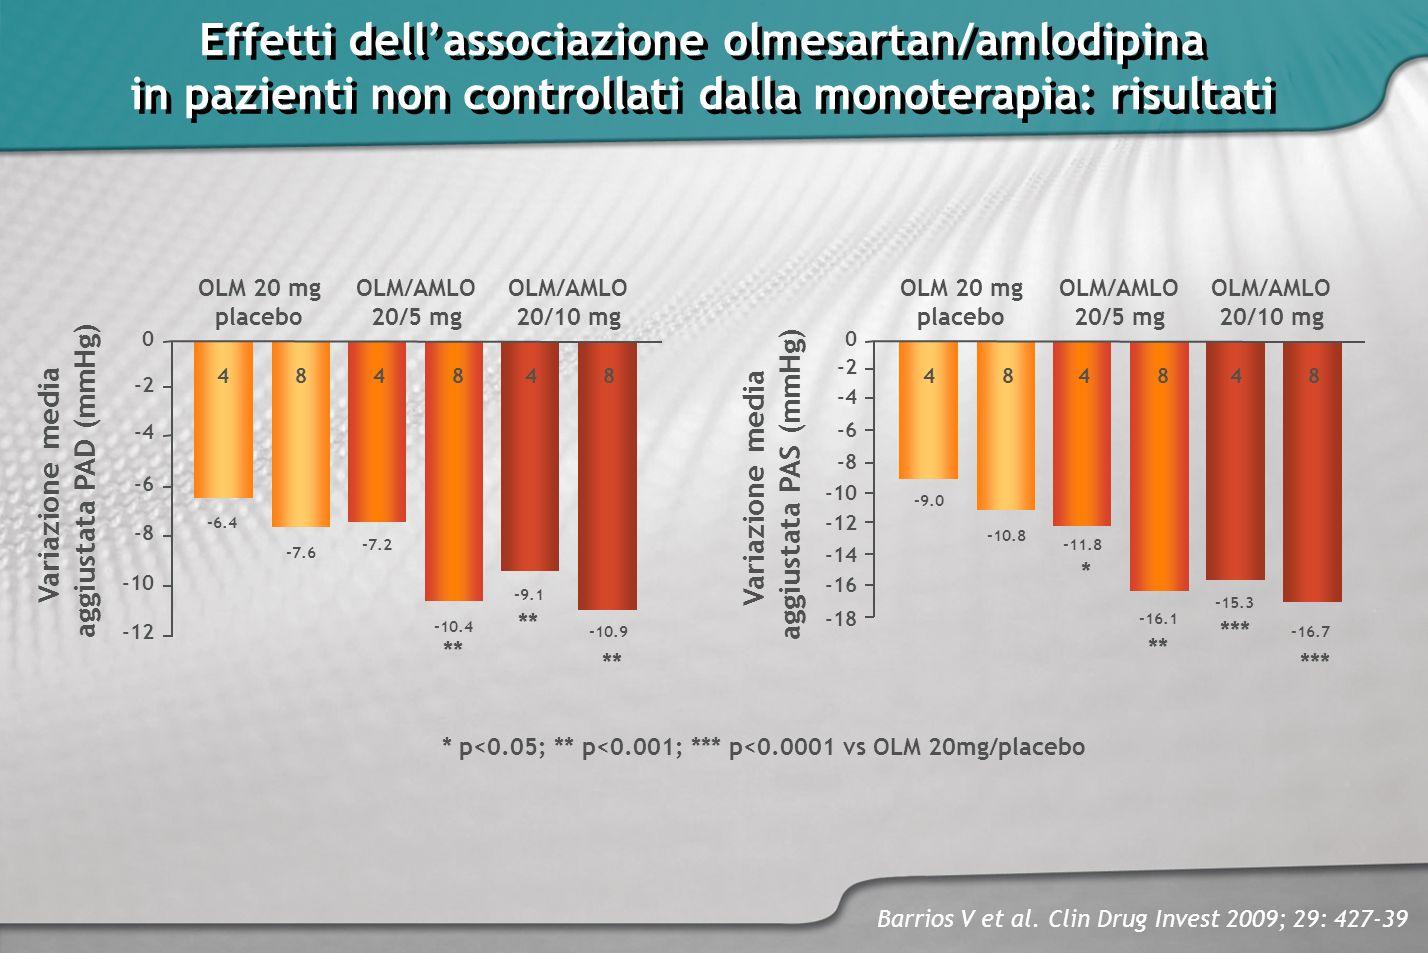 Effetti dell'associazione olmesartan/amlodipina